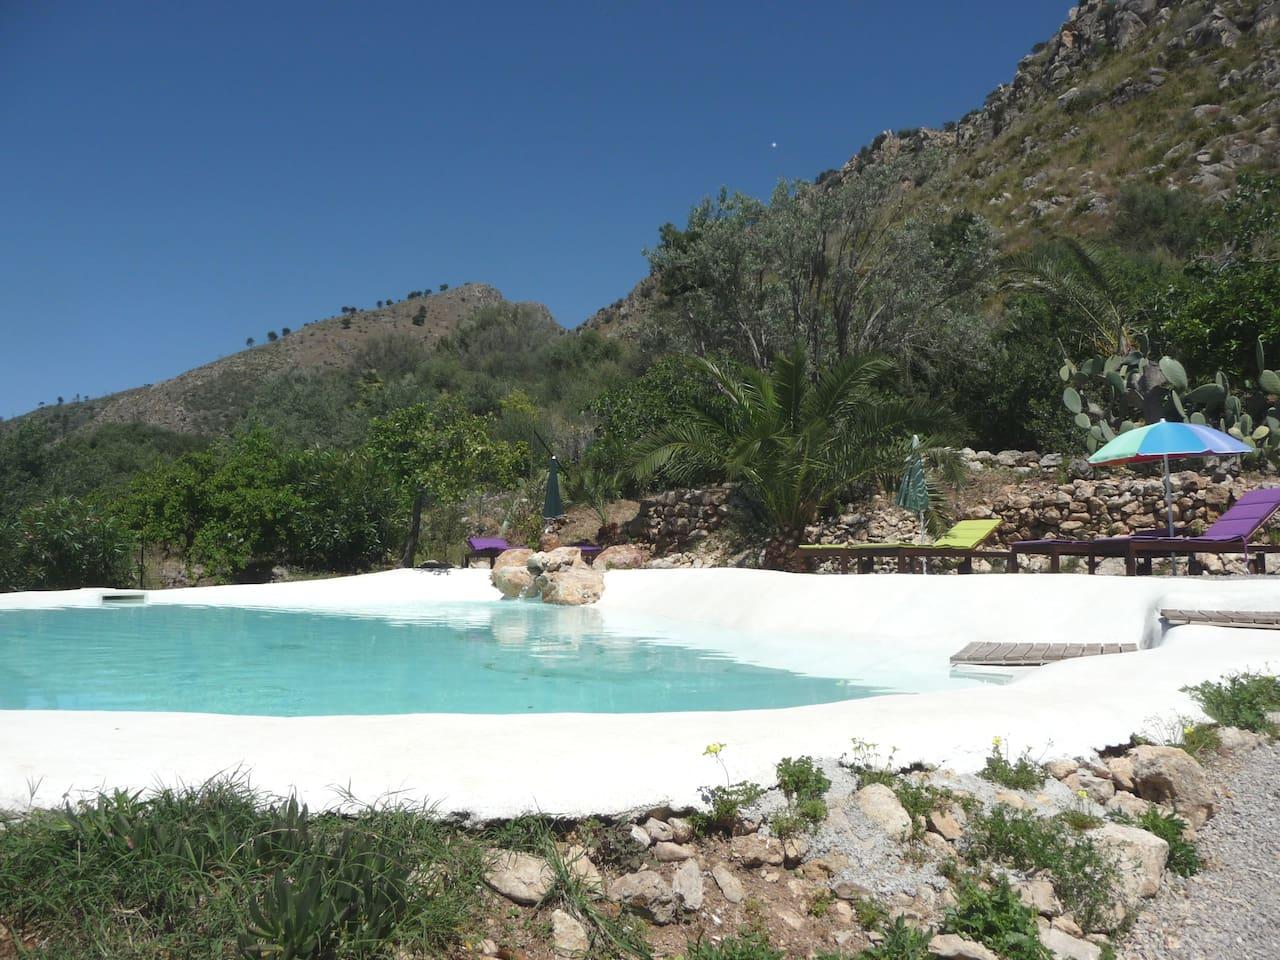 piscina a forma di laghetto naturale in mezzo a giardino mediterraneo